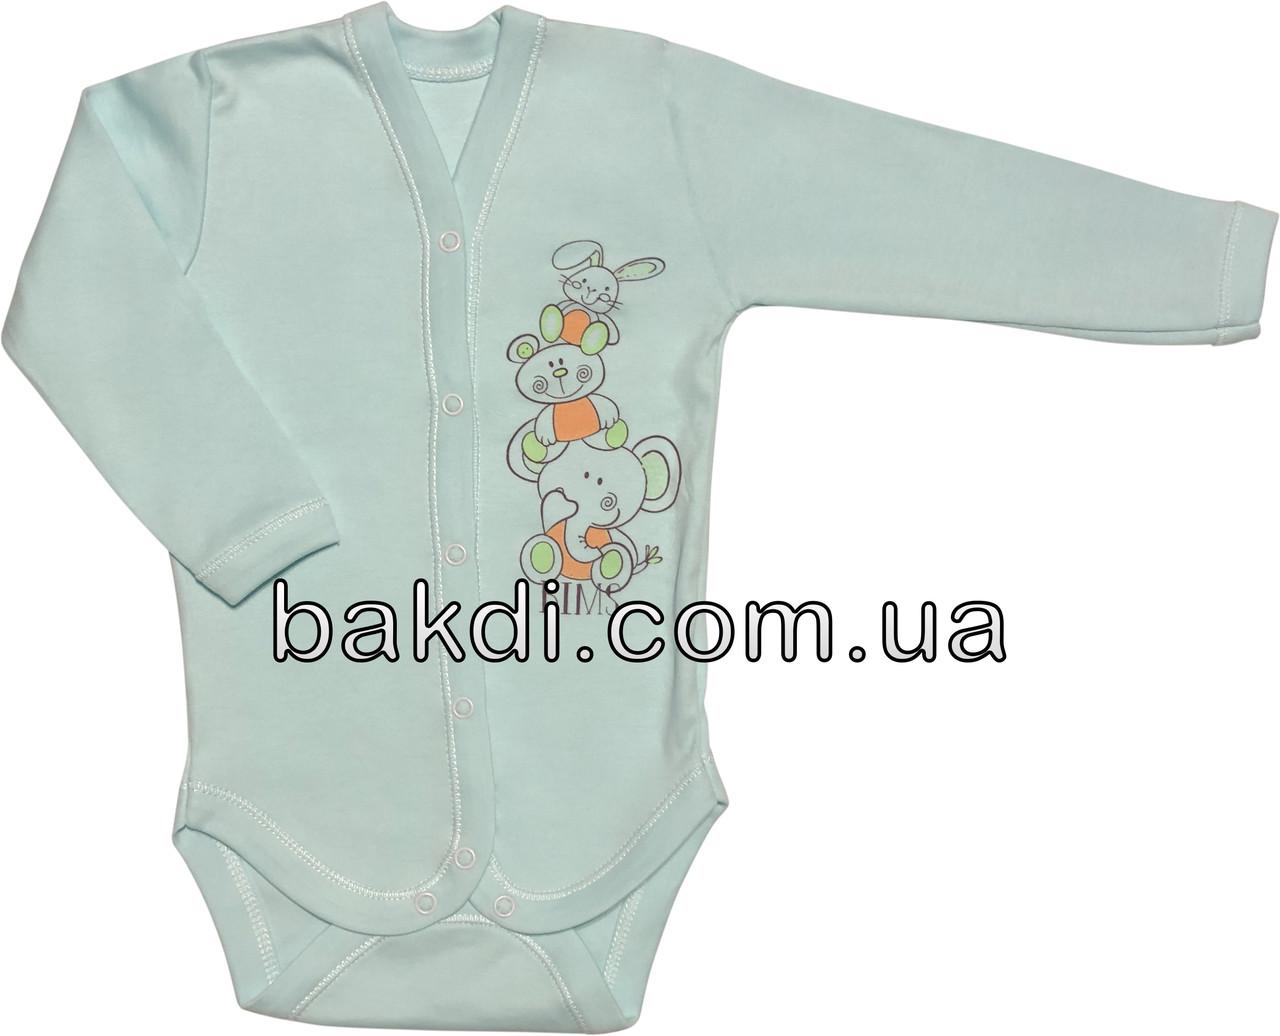 Дитячий боді ріст 68 (3-6 міс.) інтерлок бірюзовий на хлопчика/дівчинку з довгим рукавом для новонароджених